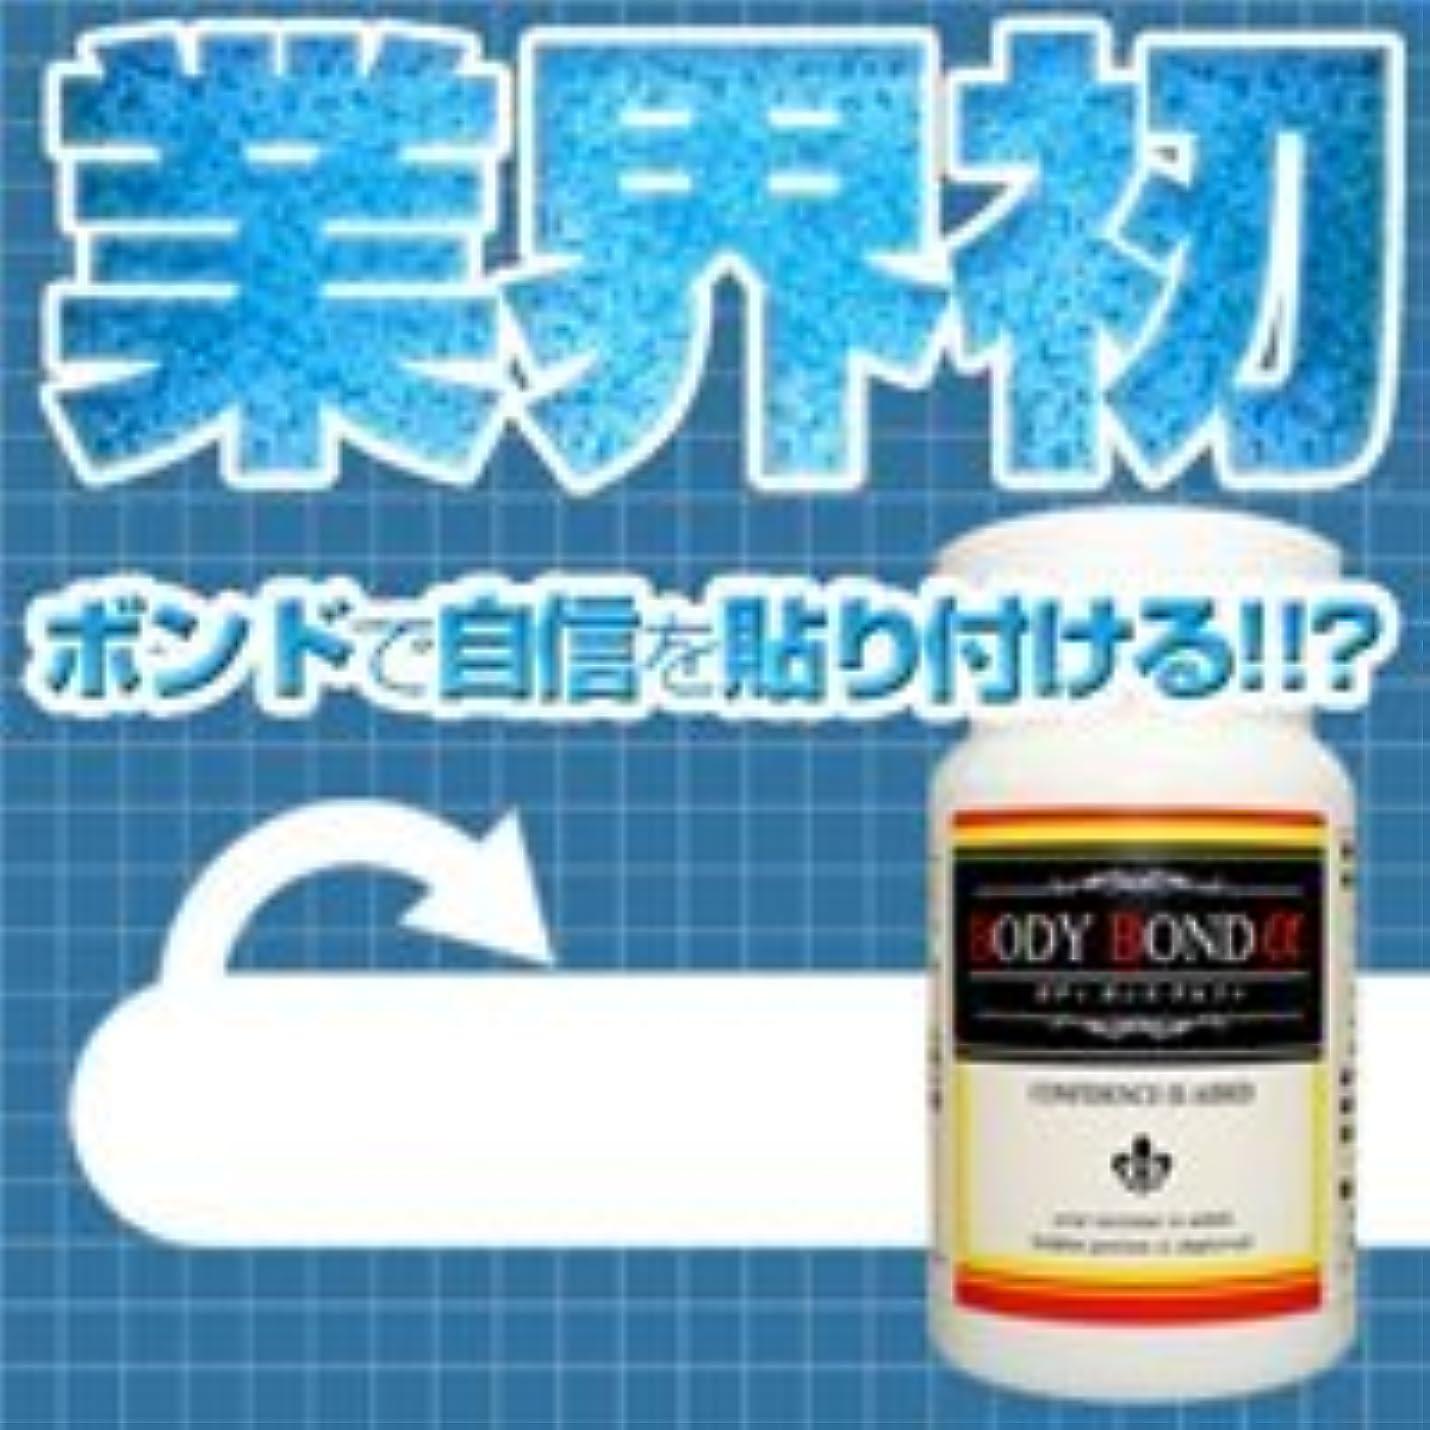 社会学リーチおじさんBODY BOND α(ボディボンドアルファ)/【CC】